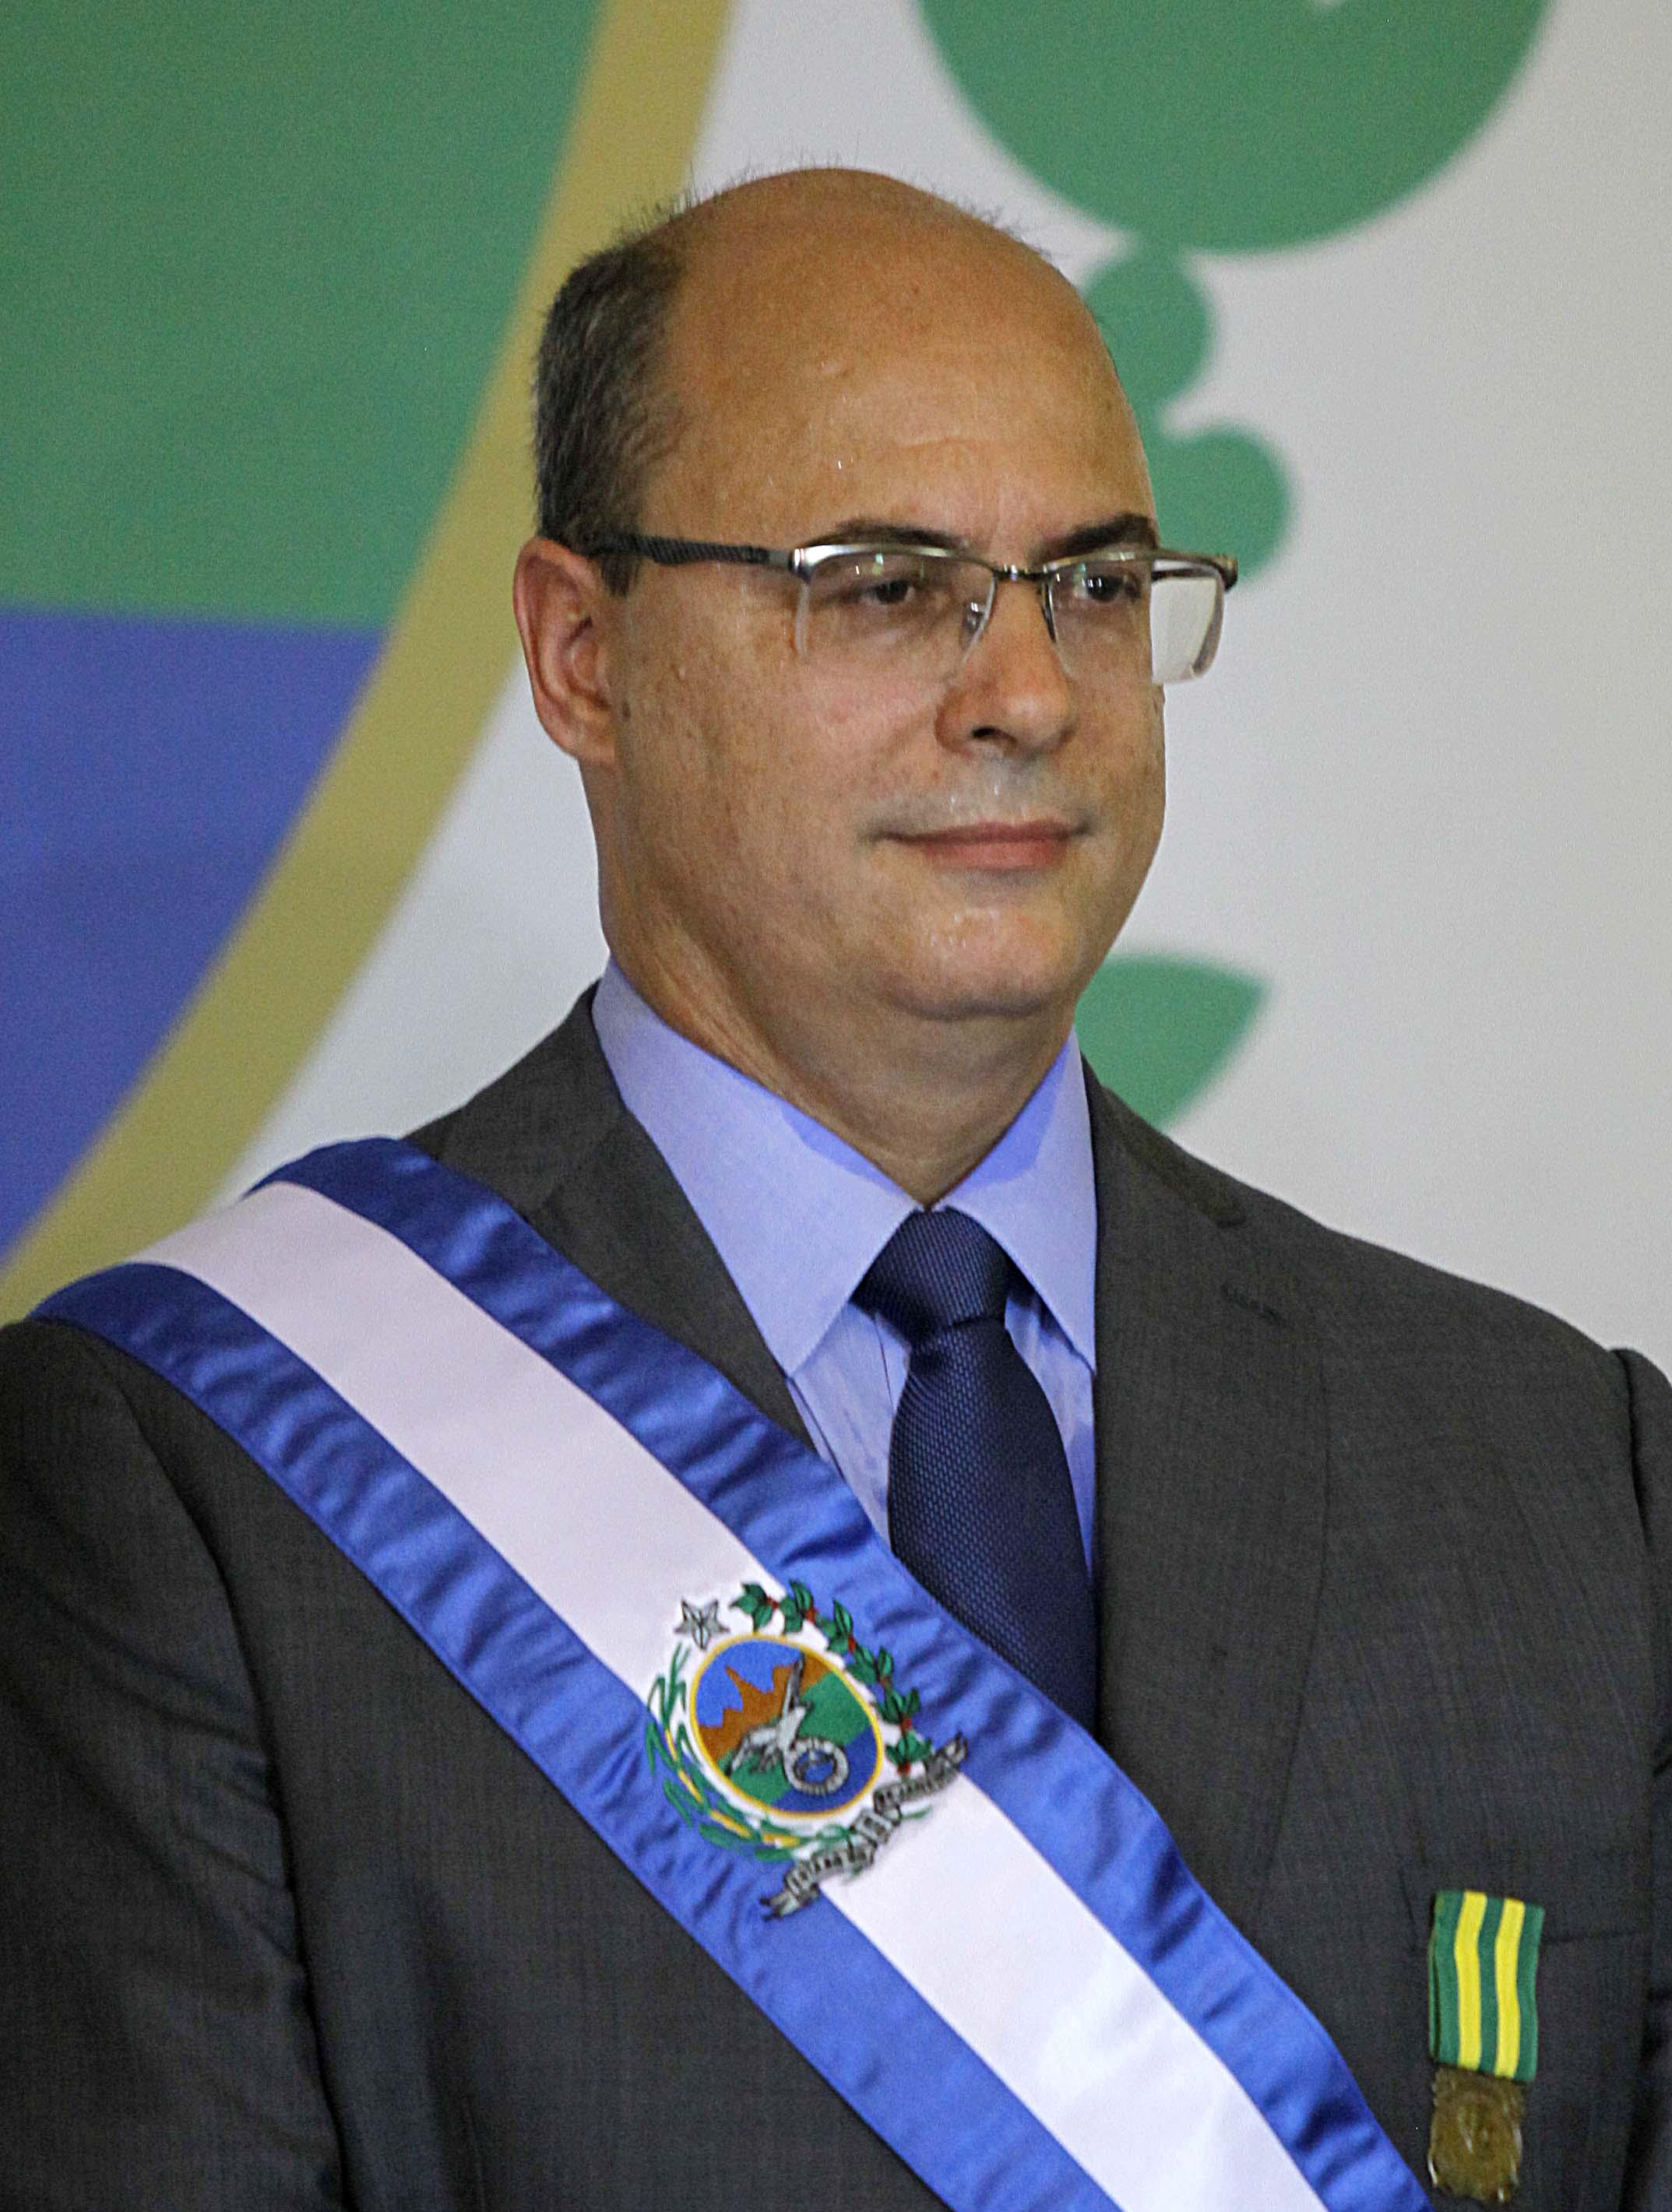 Rio de Janeiro governor has coronavirus